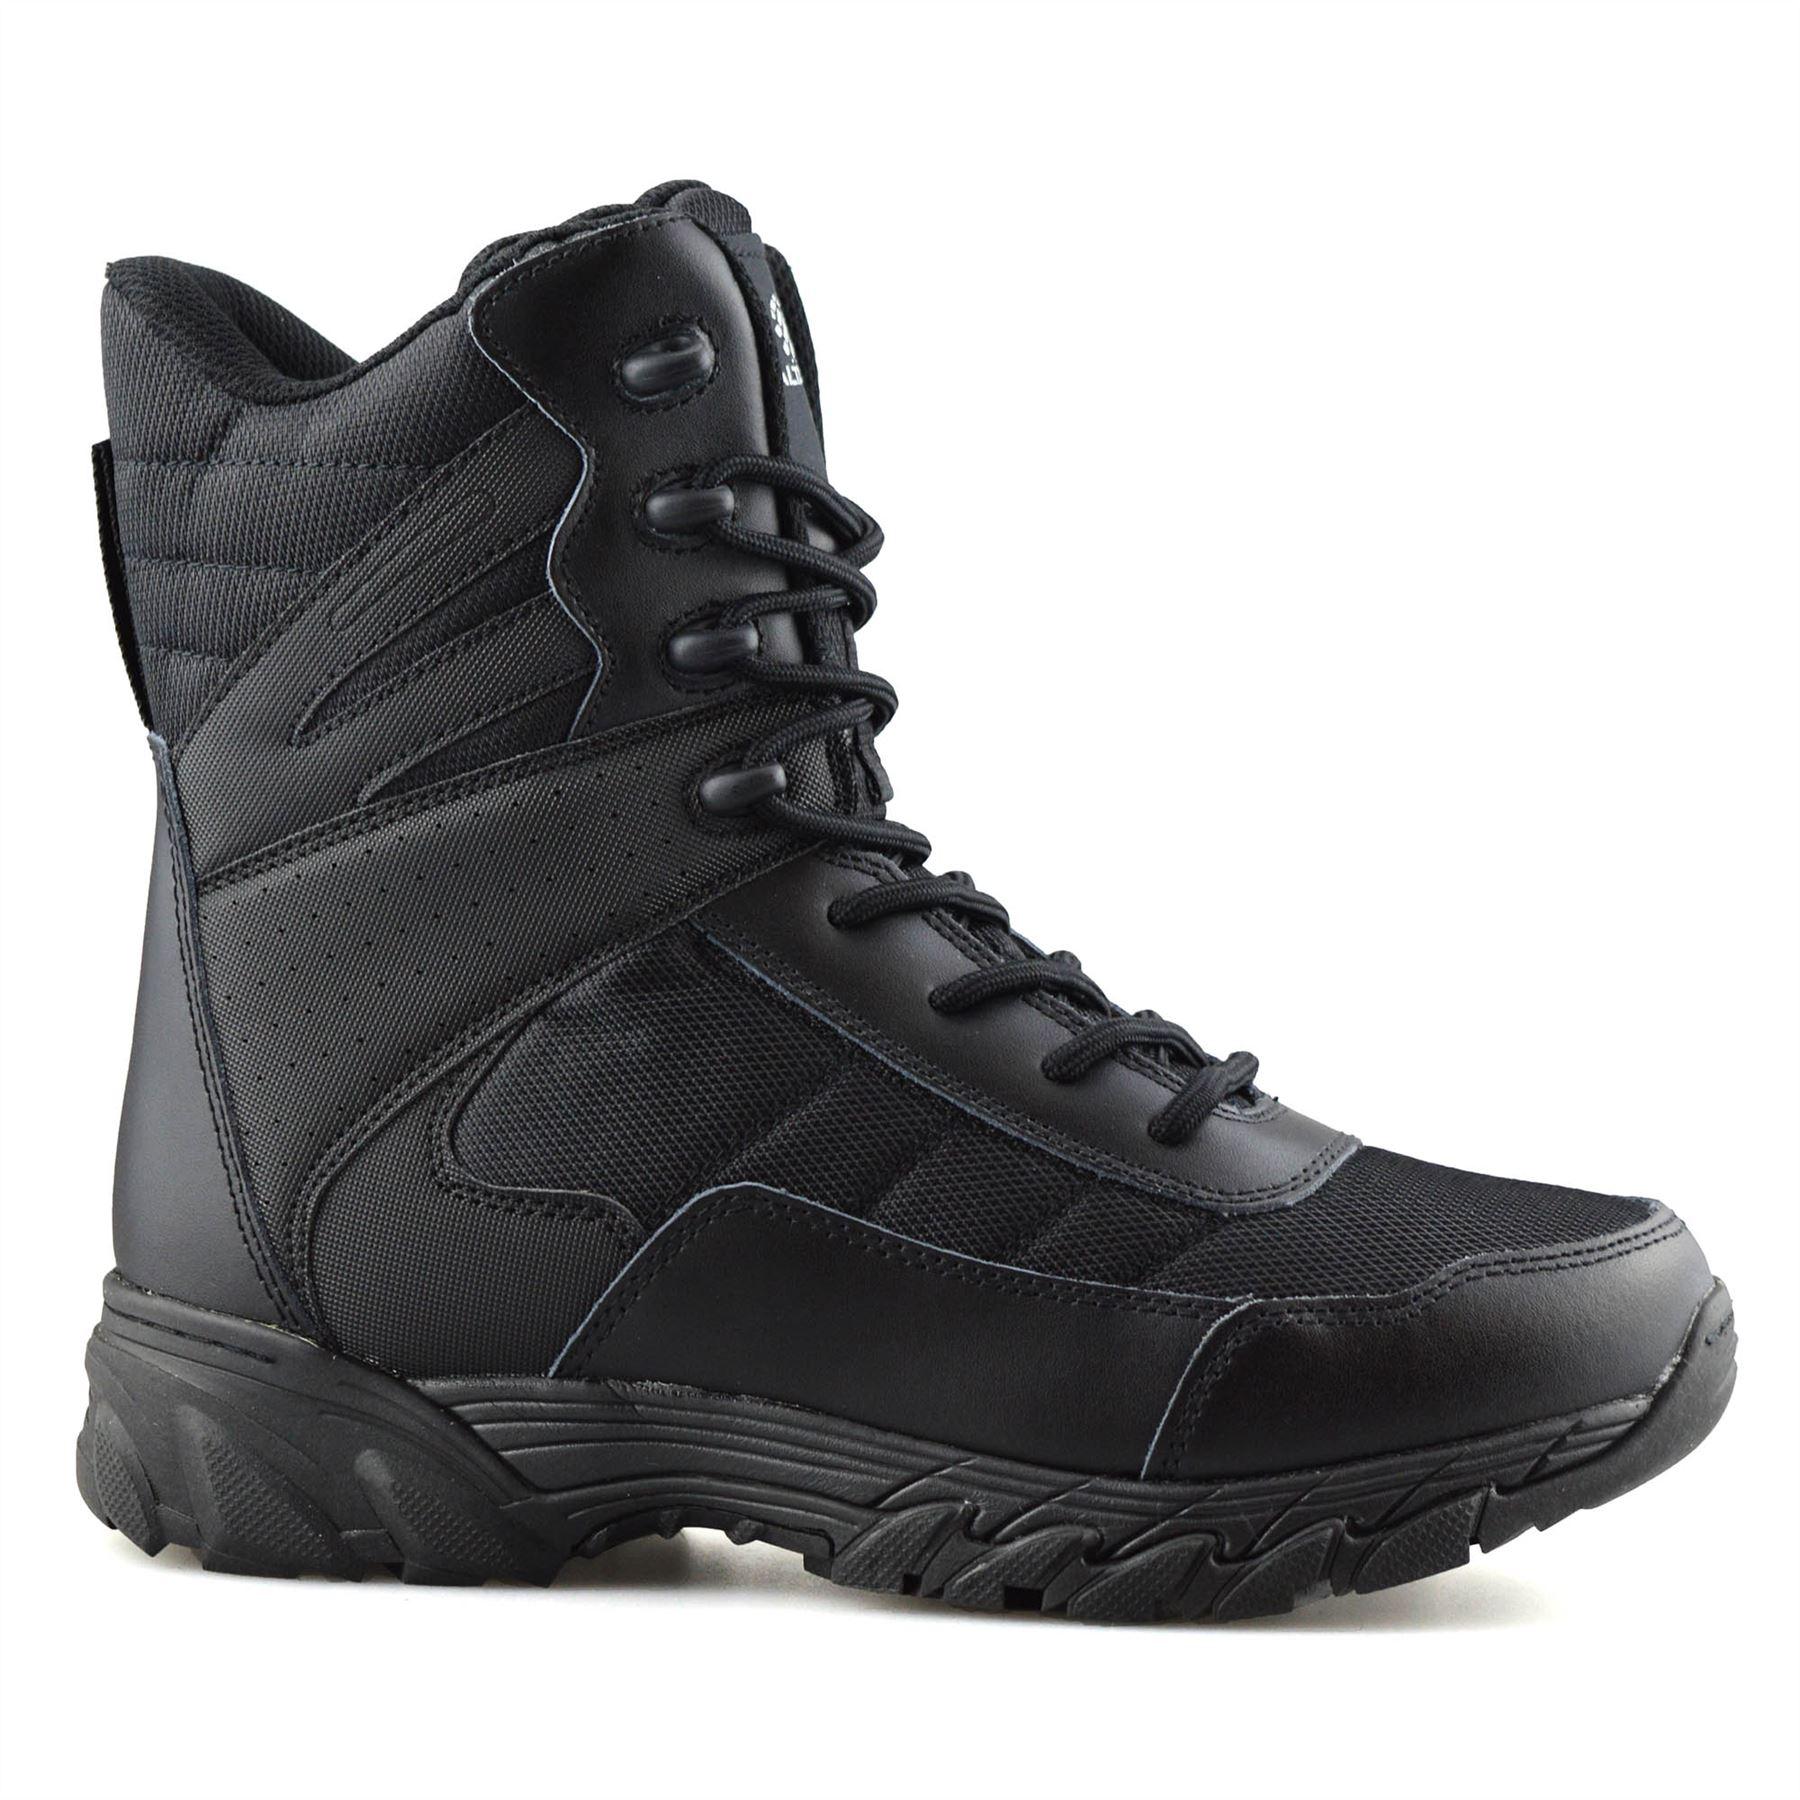 Homme-en-cuir-neuve-Militaire-Armee-Combat-Marche-Travail-Fermeture-Eclair-Cheville-Bottes miniature 10